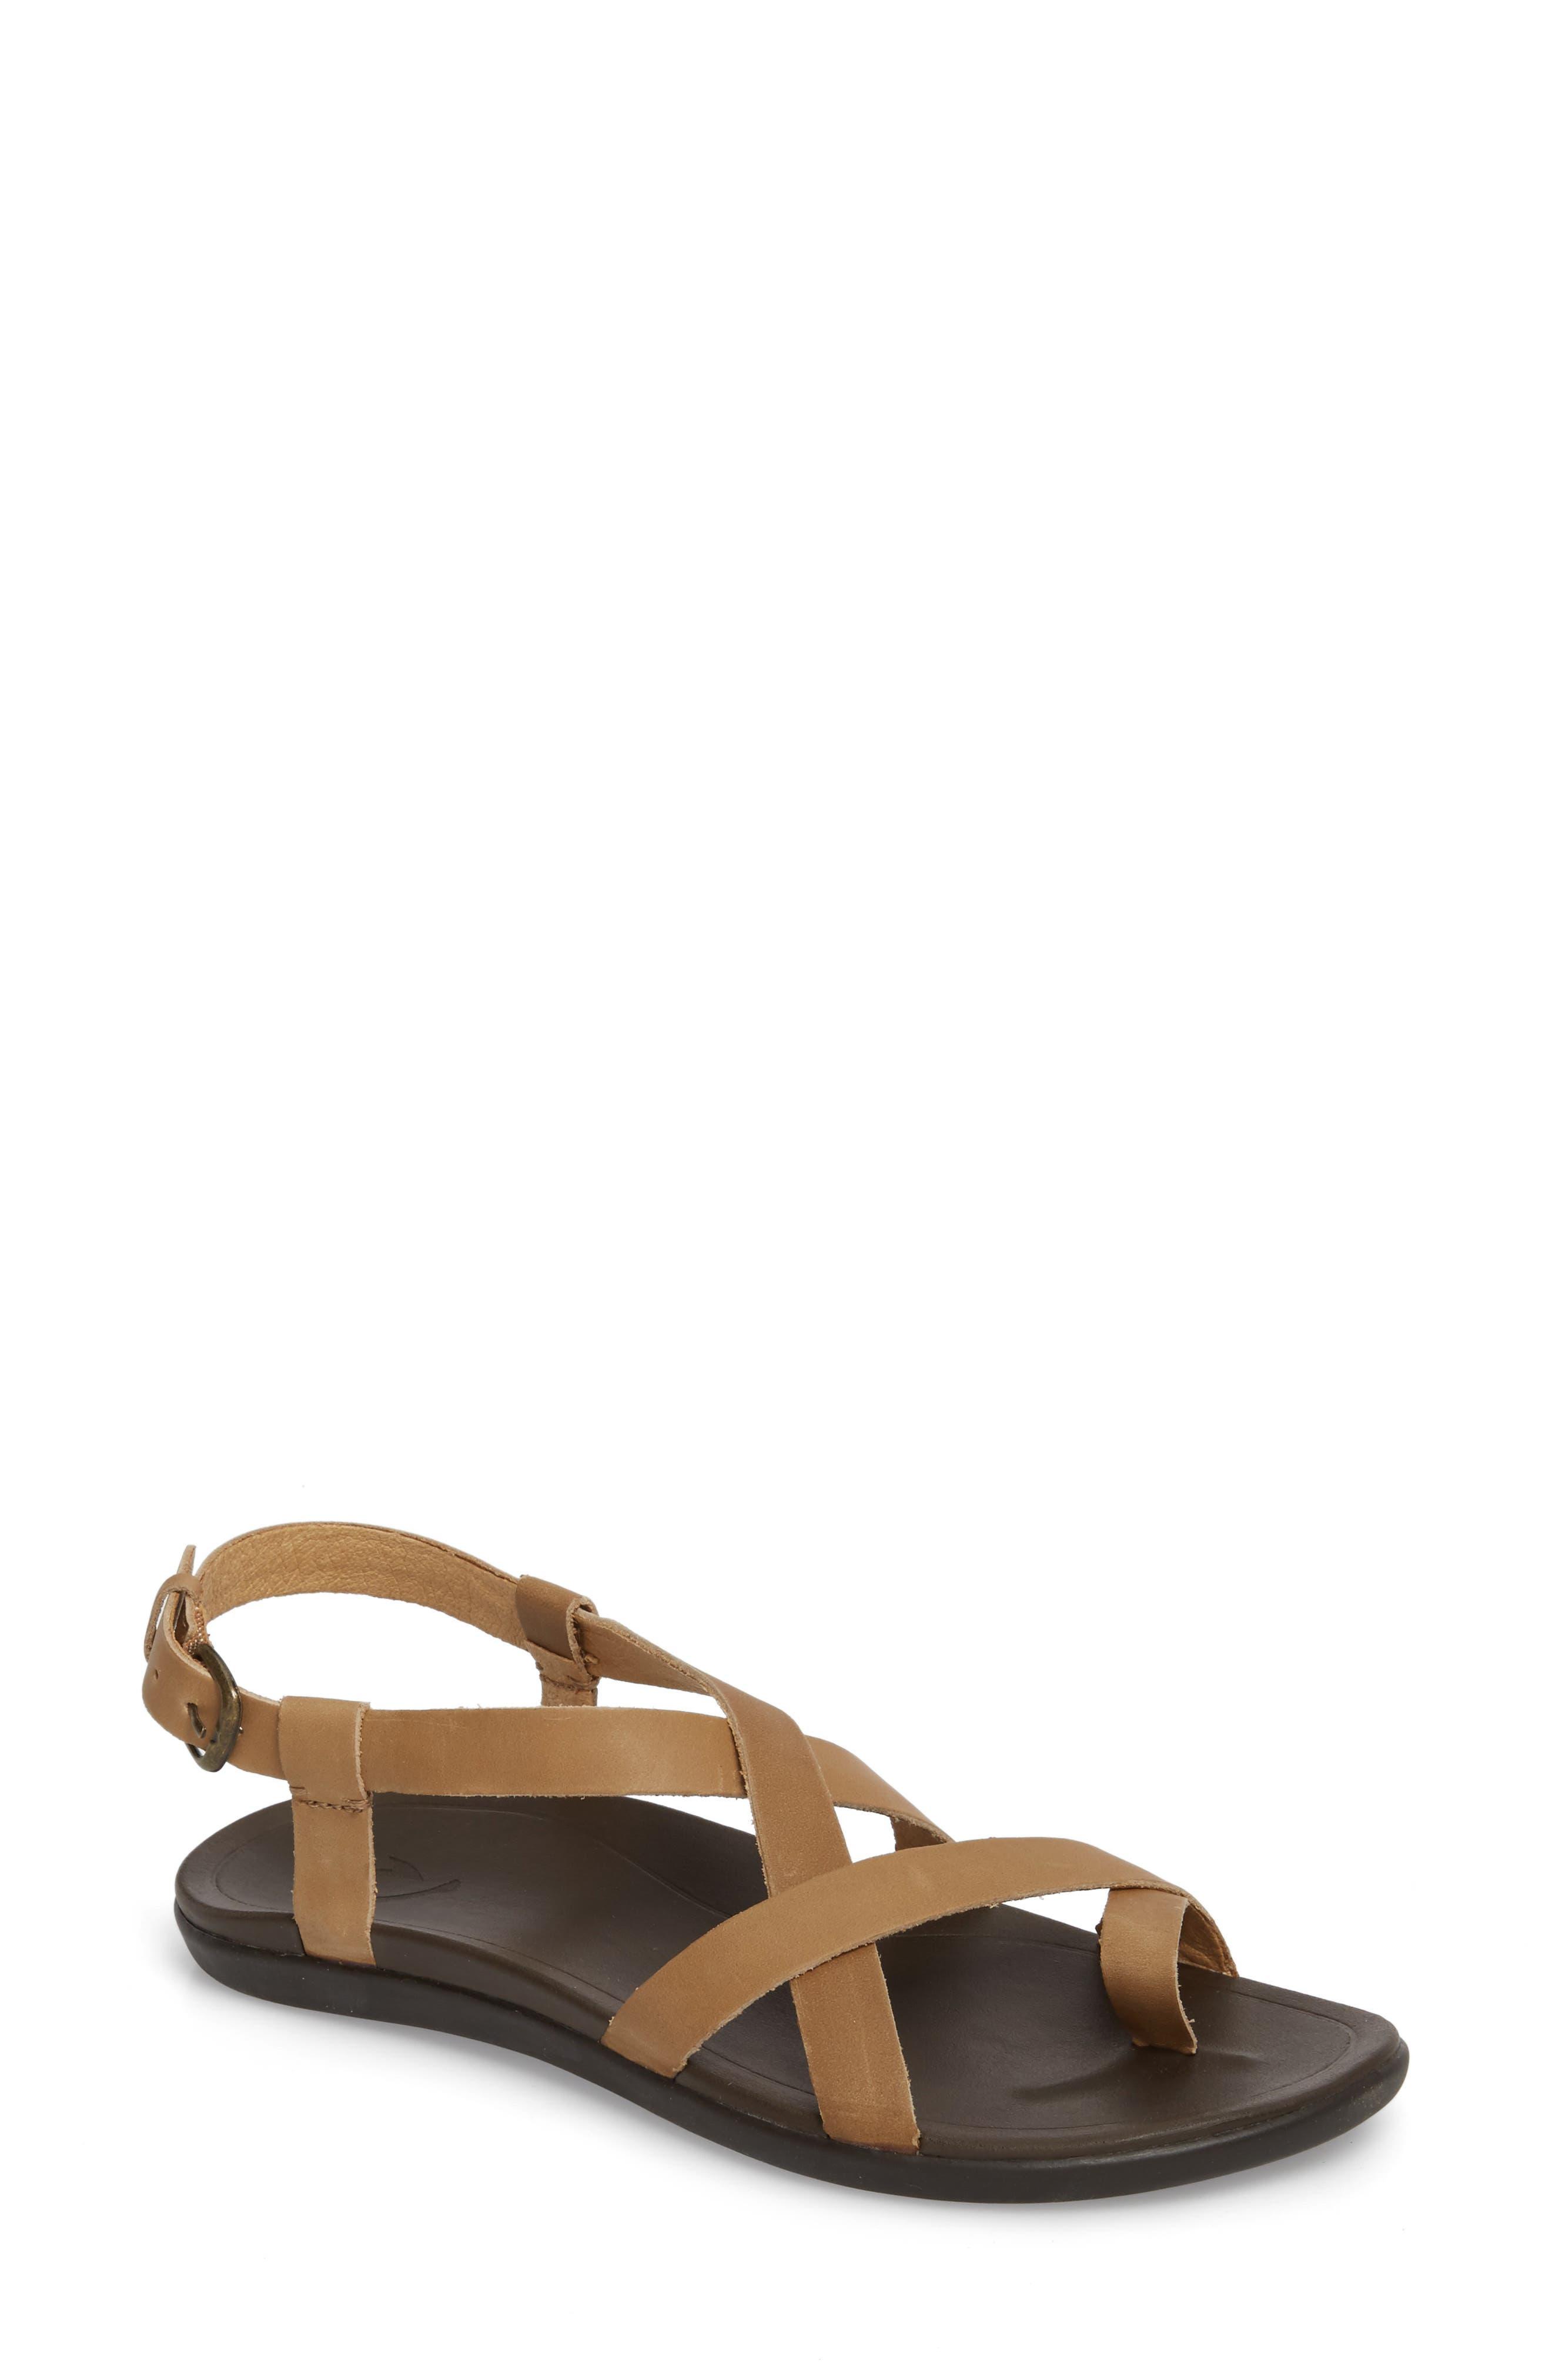 'Upena' Flat Sandal, Main, color, GOLDEN SAND/ SAND LEATHER